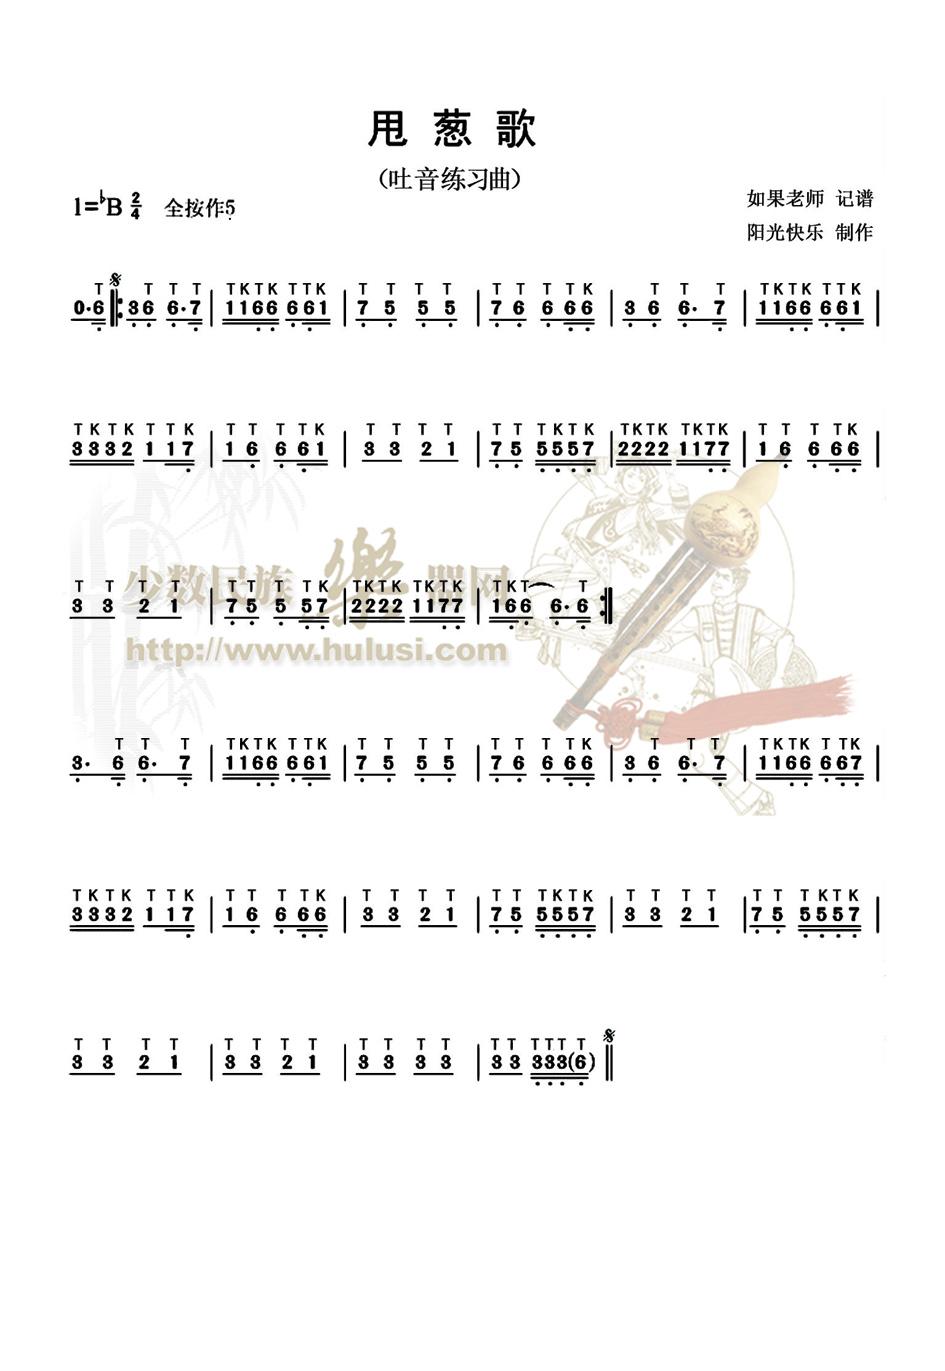 甩葱歌 - 【【葫芦丝曲谱●下载 】】 - 葫芦丝专业